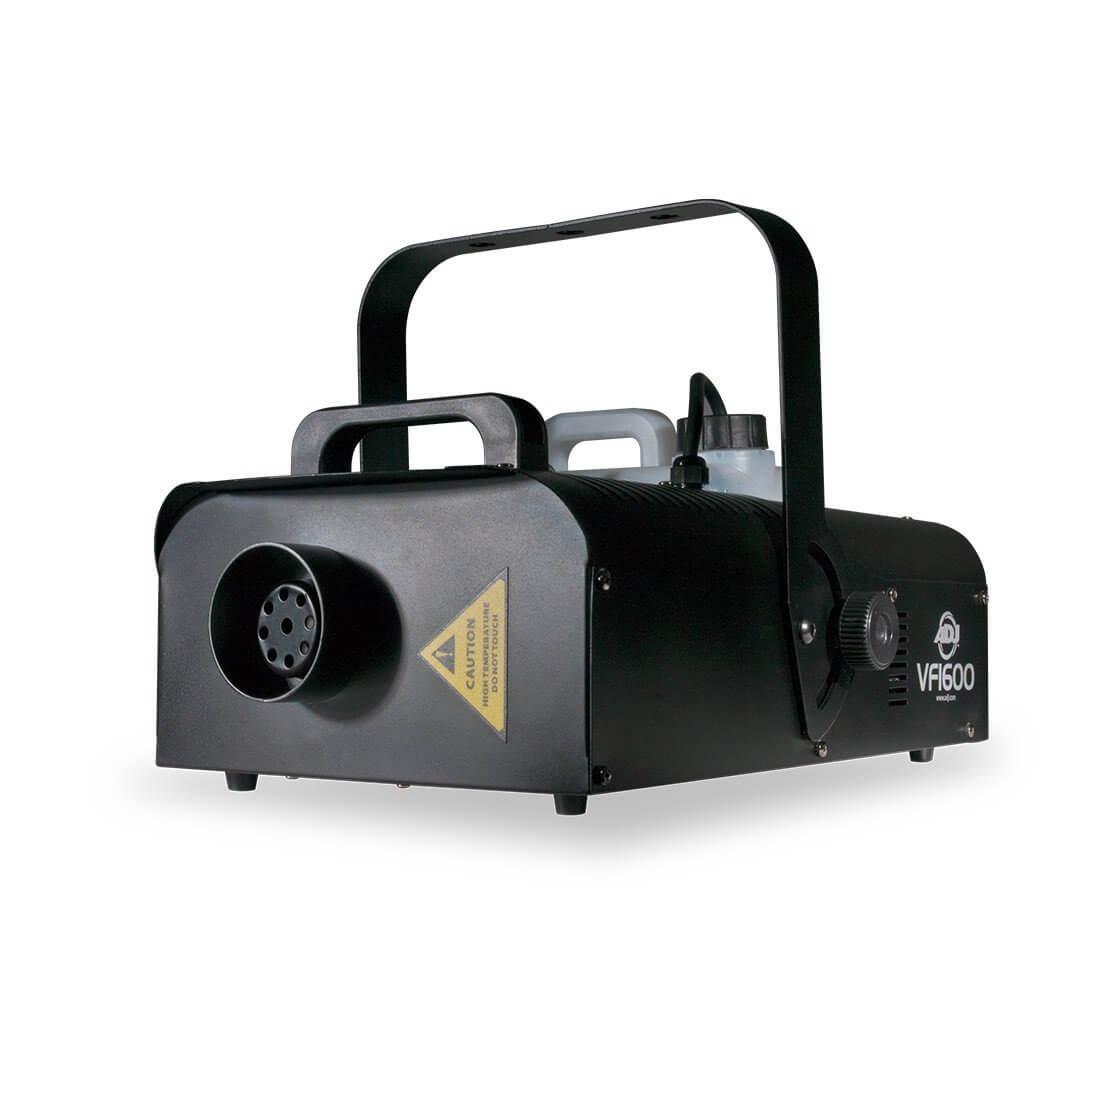 ADJ VF1600 Smoke Machine 1500W inc Timer & Wireless Remote